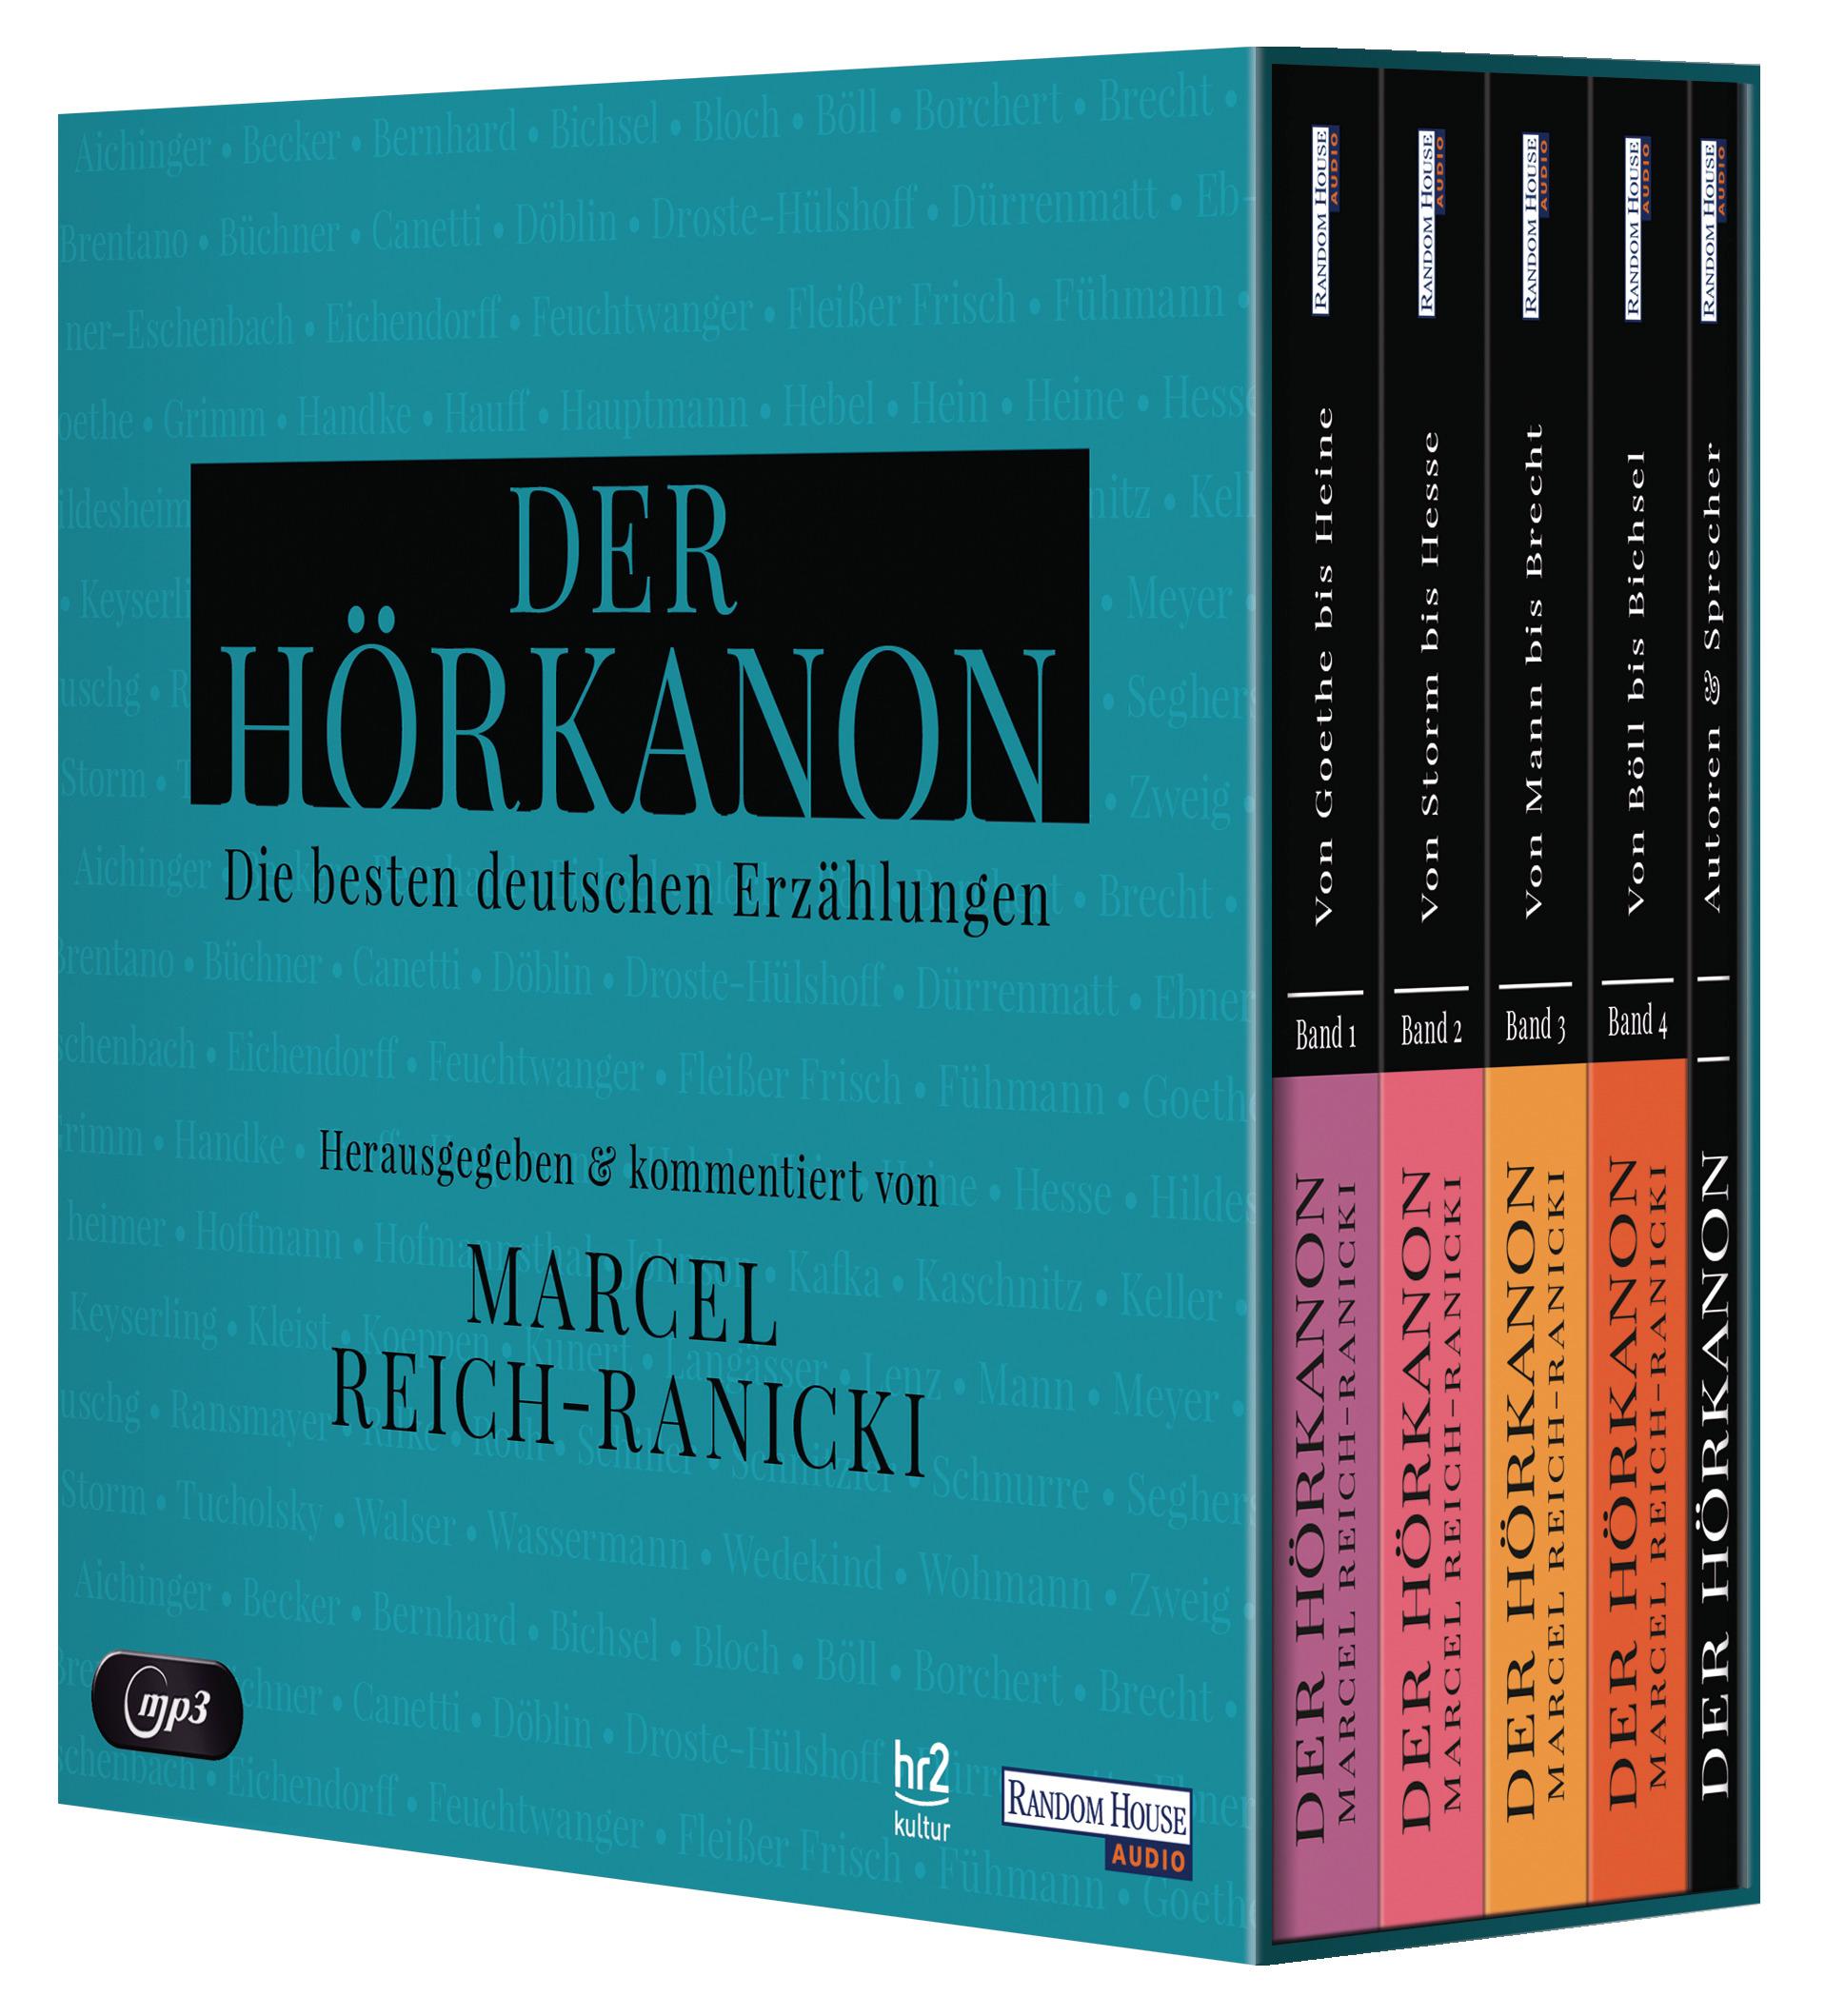 Der Hörkanon  - Herausgegeben und kommentiert von Marcel Reich-Ranicki, Joh ...